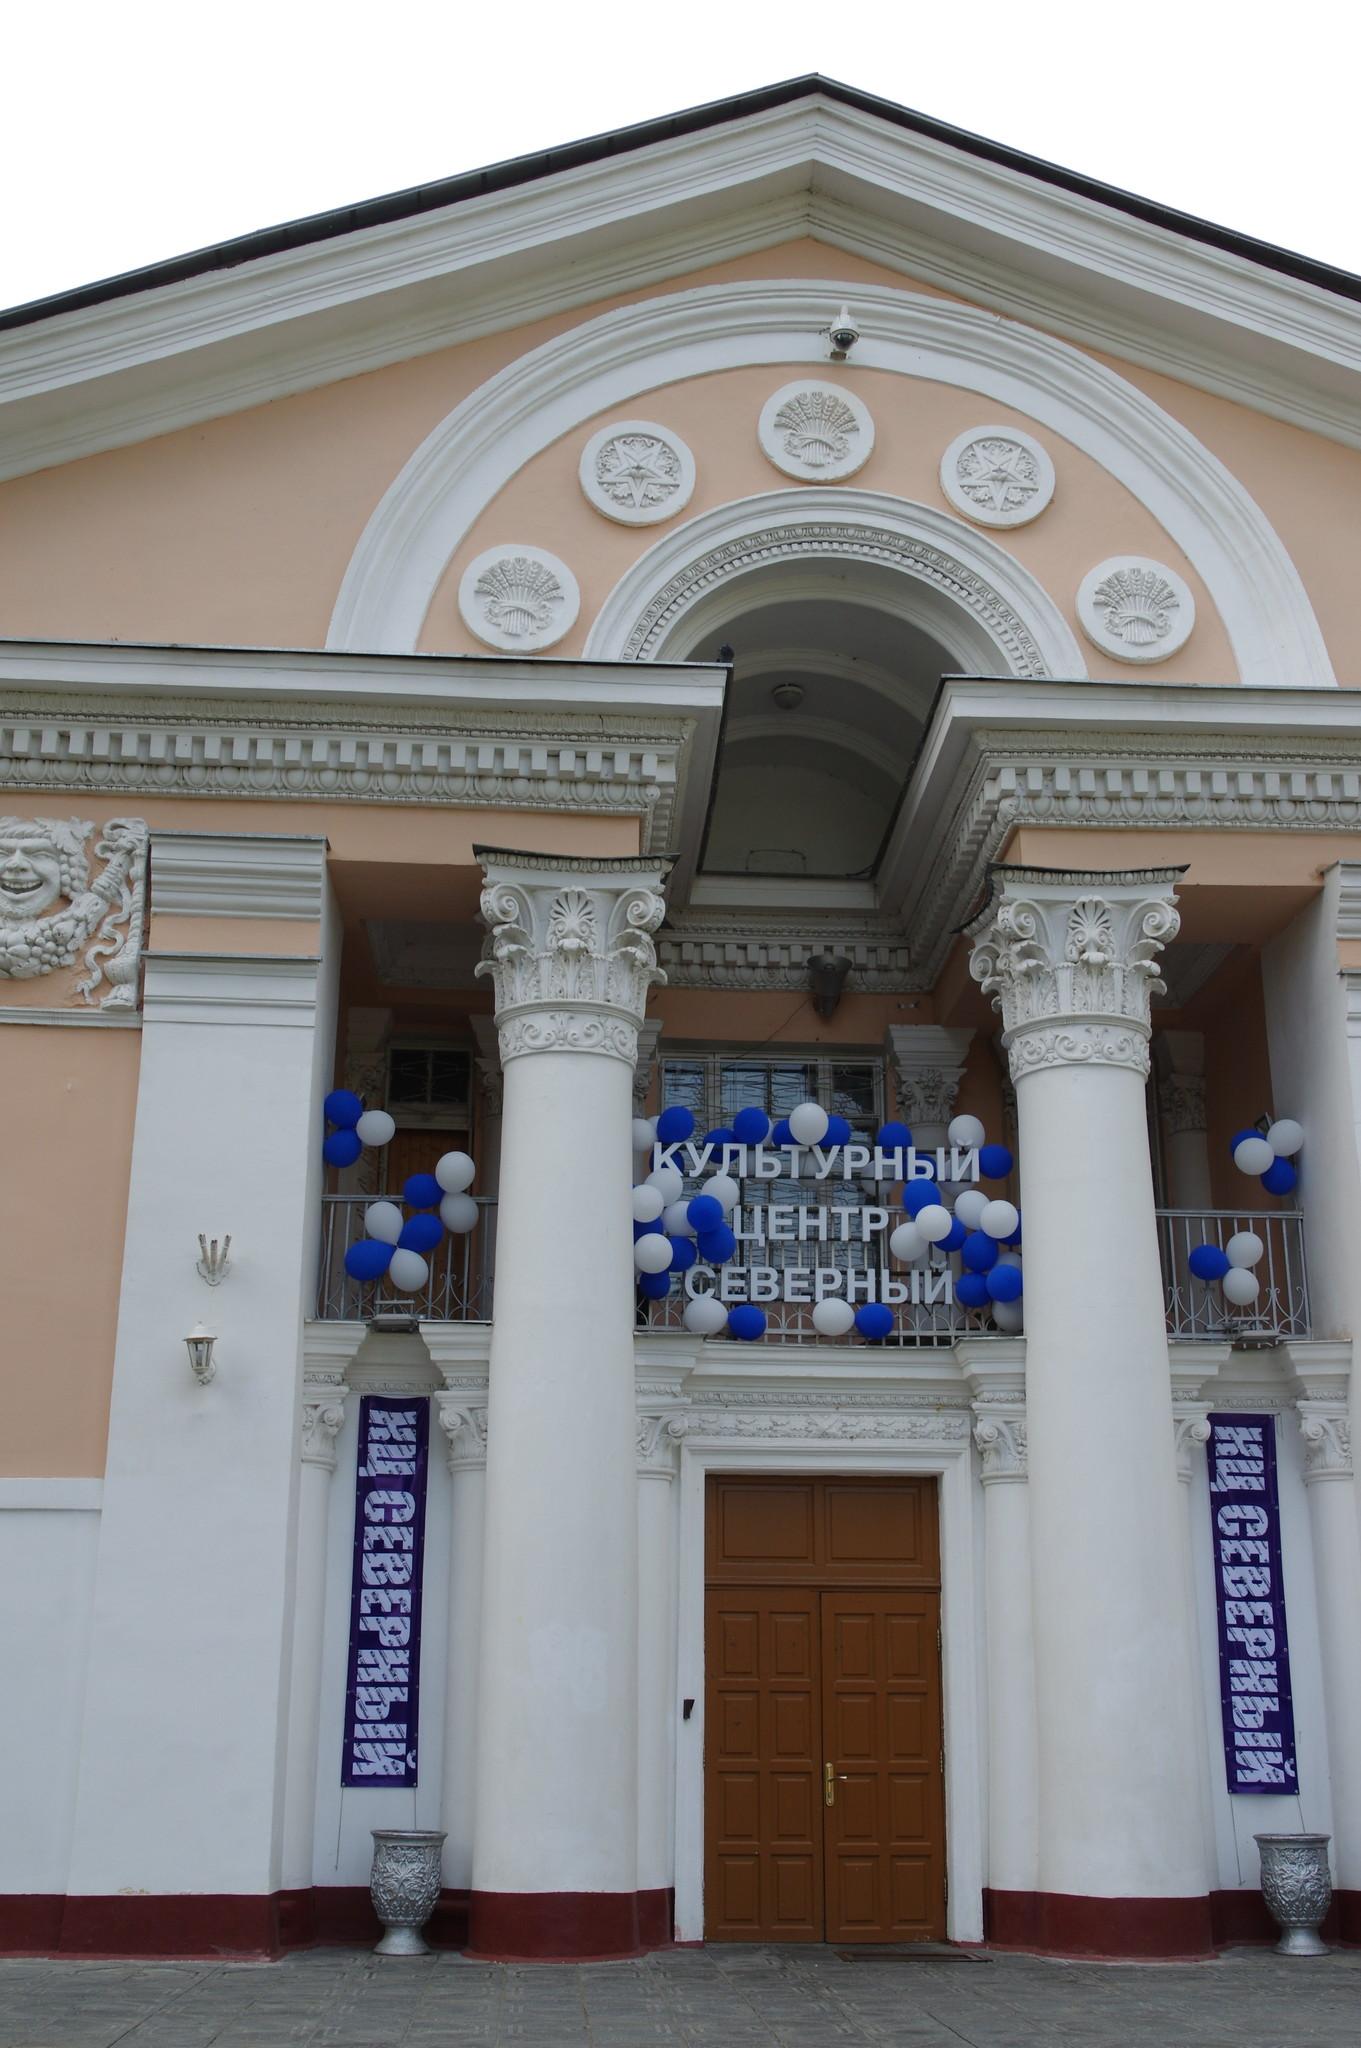 Культурный центр «Северный» (3-я Северная линия, дом 17)